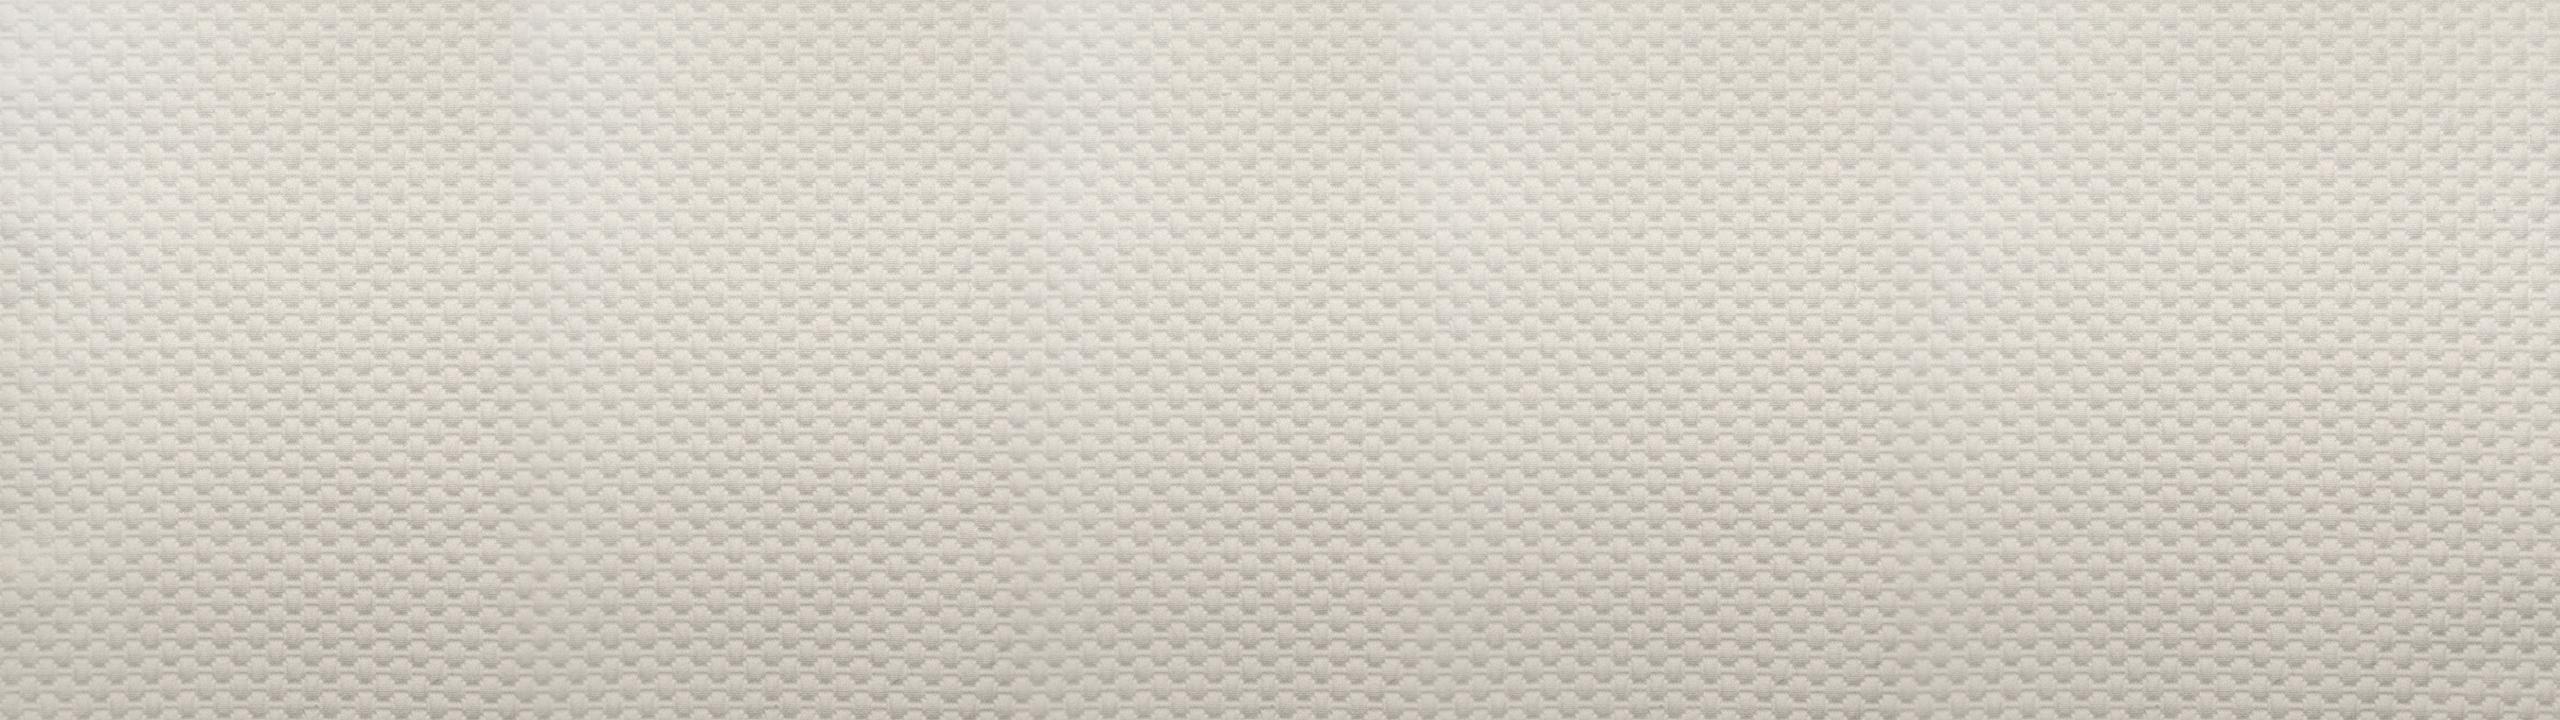 Bianco-Never-504-07